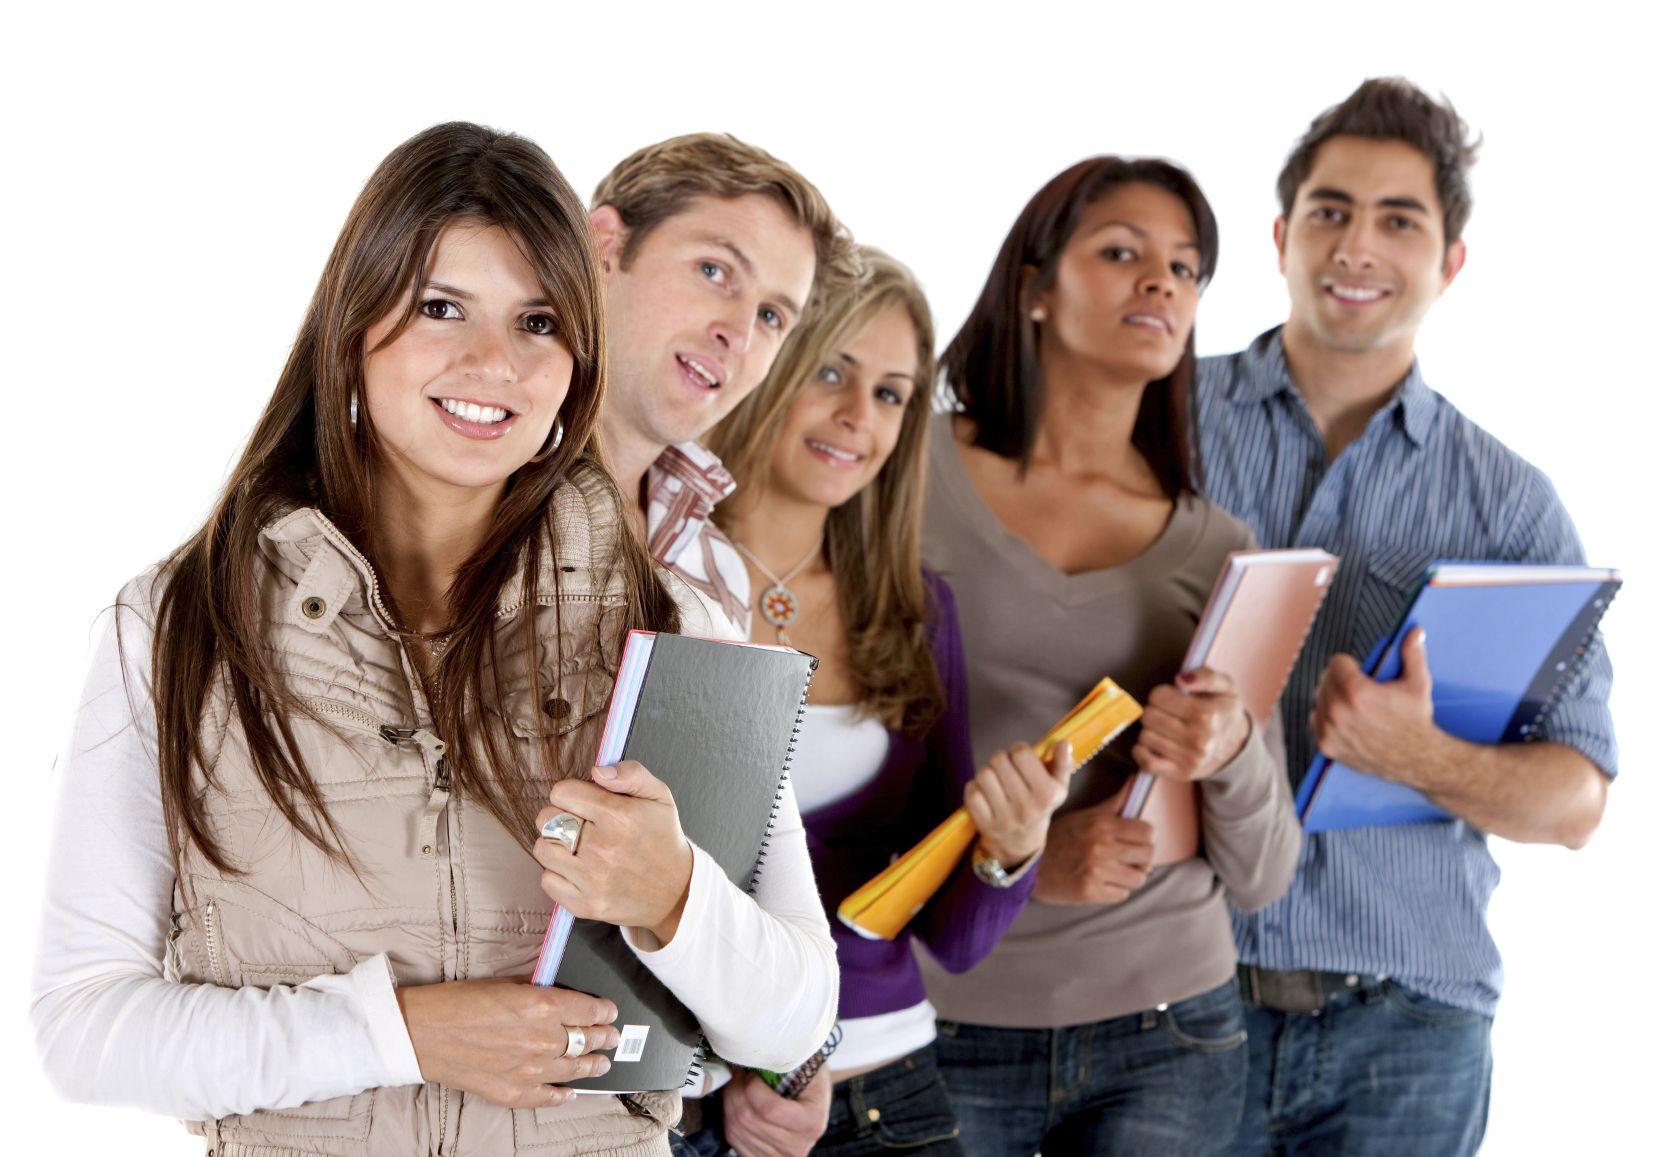 Risultati immagini per english students